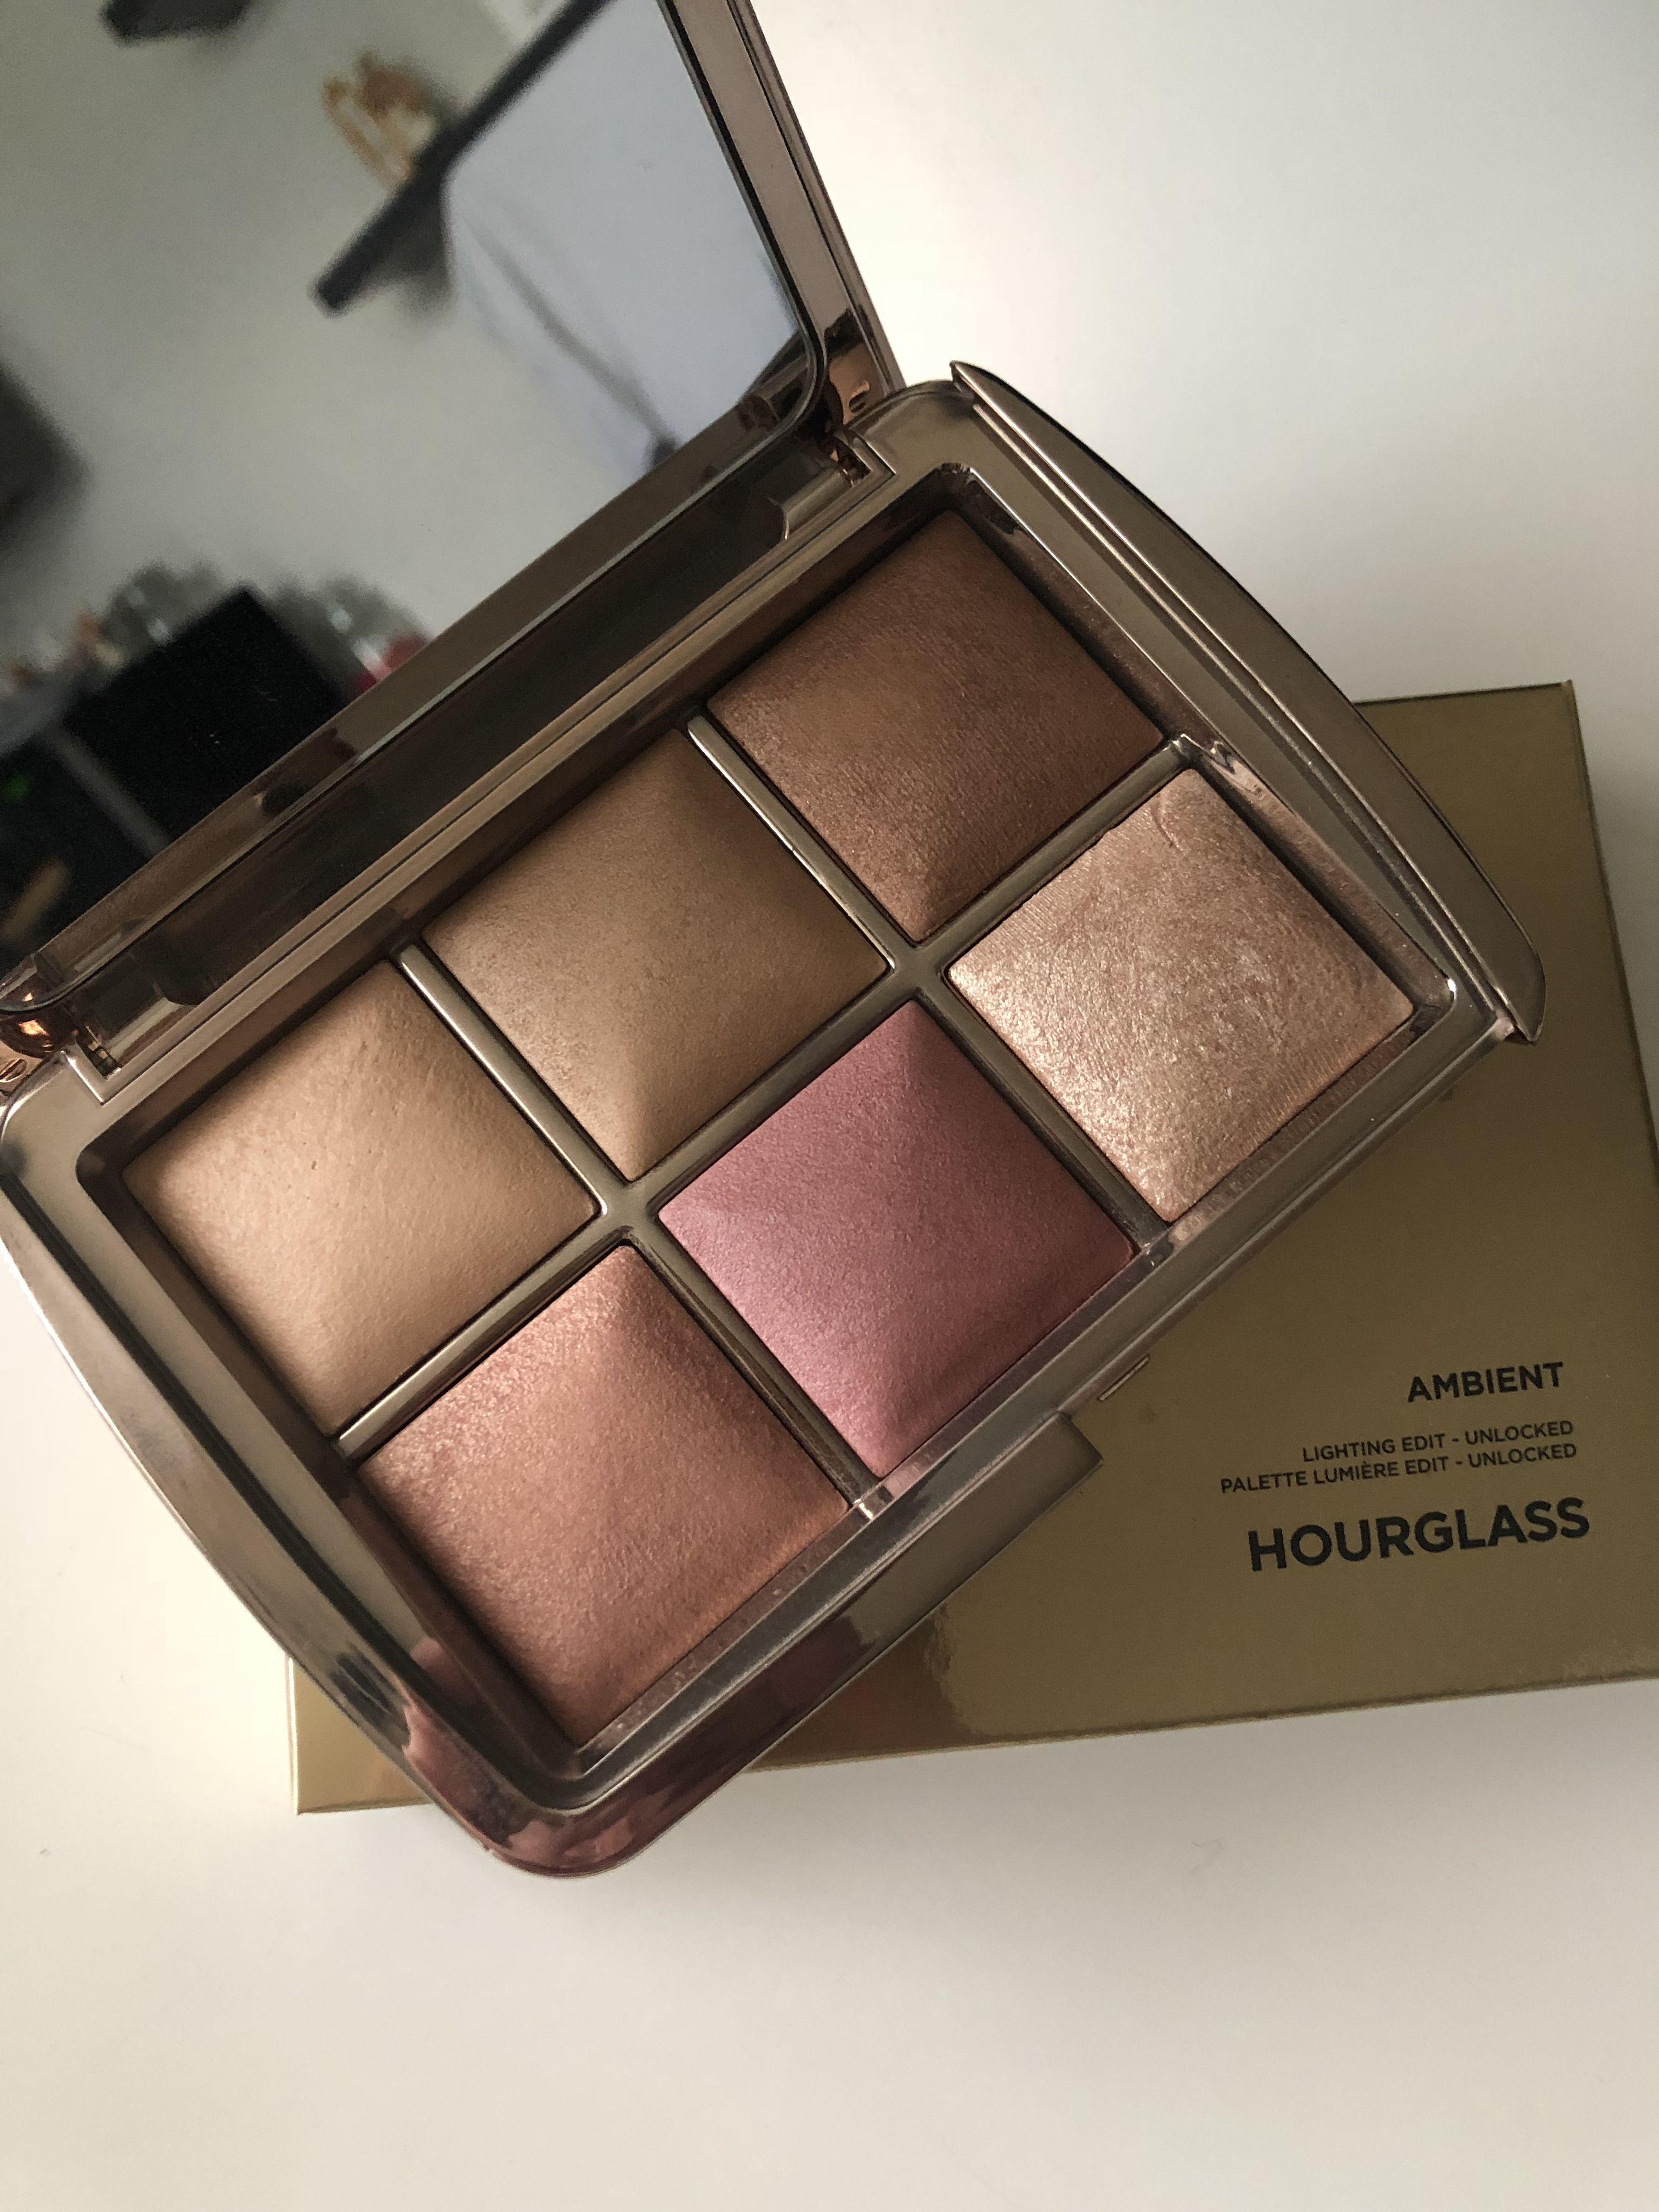 Hourglass 😍 makeup hourglasscosmetics Cosmetic s